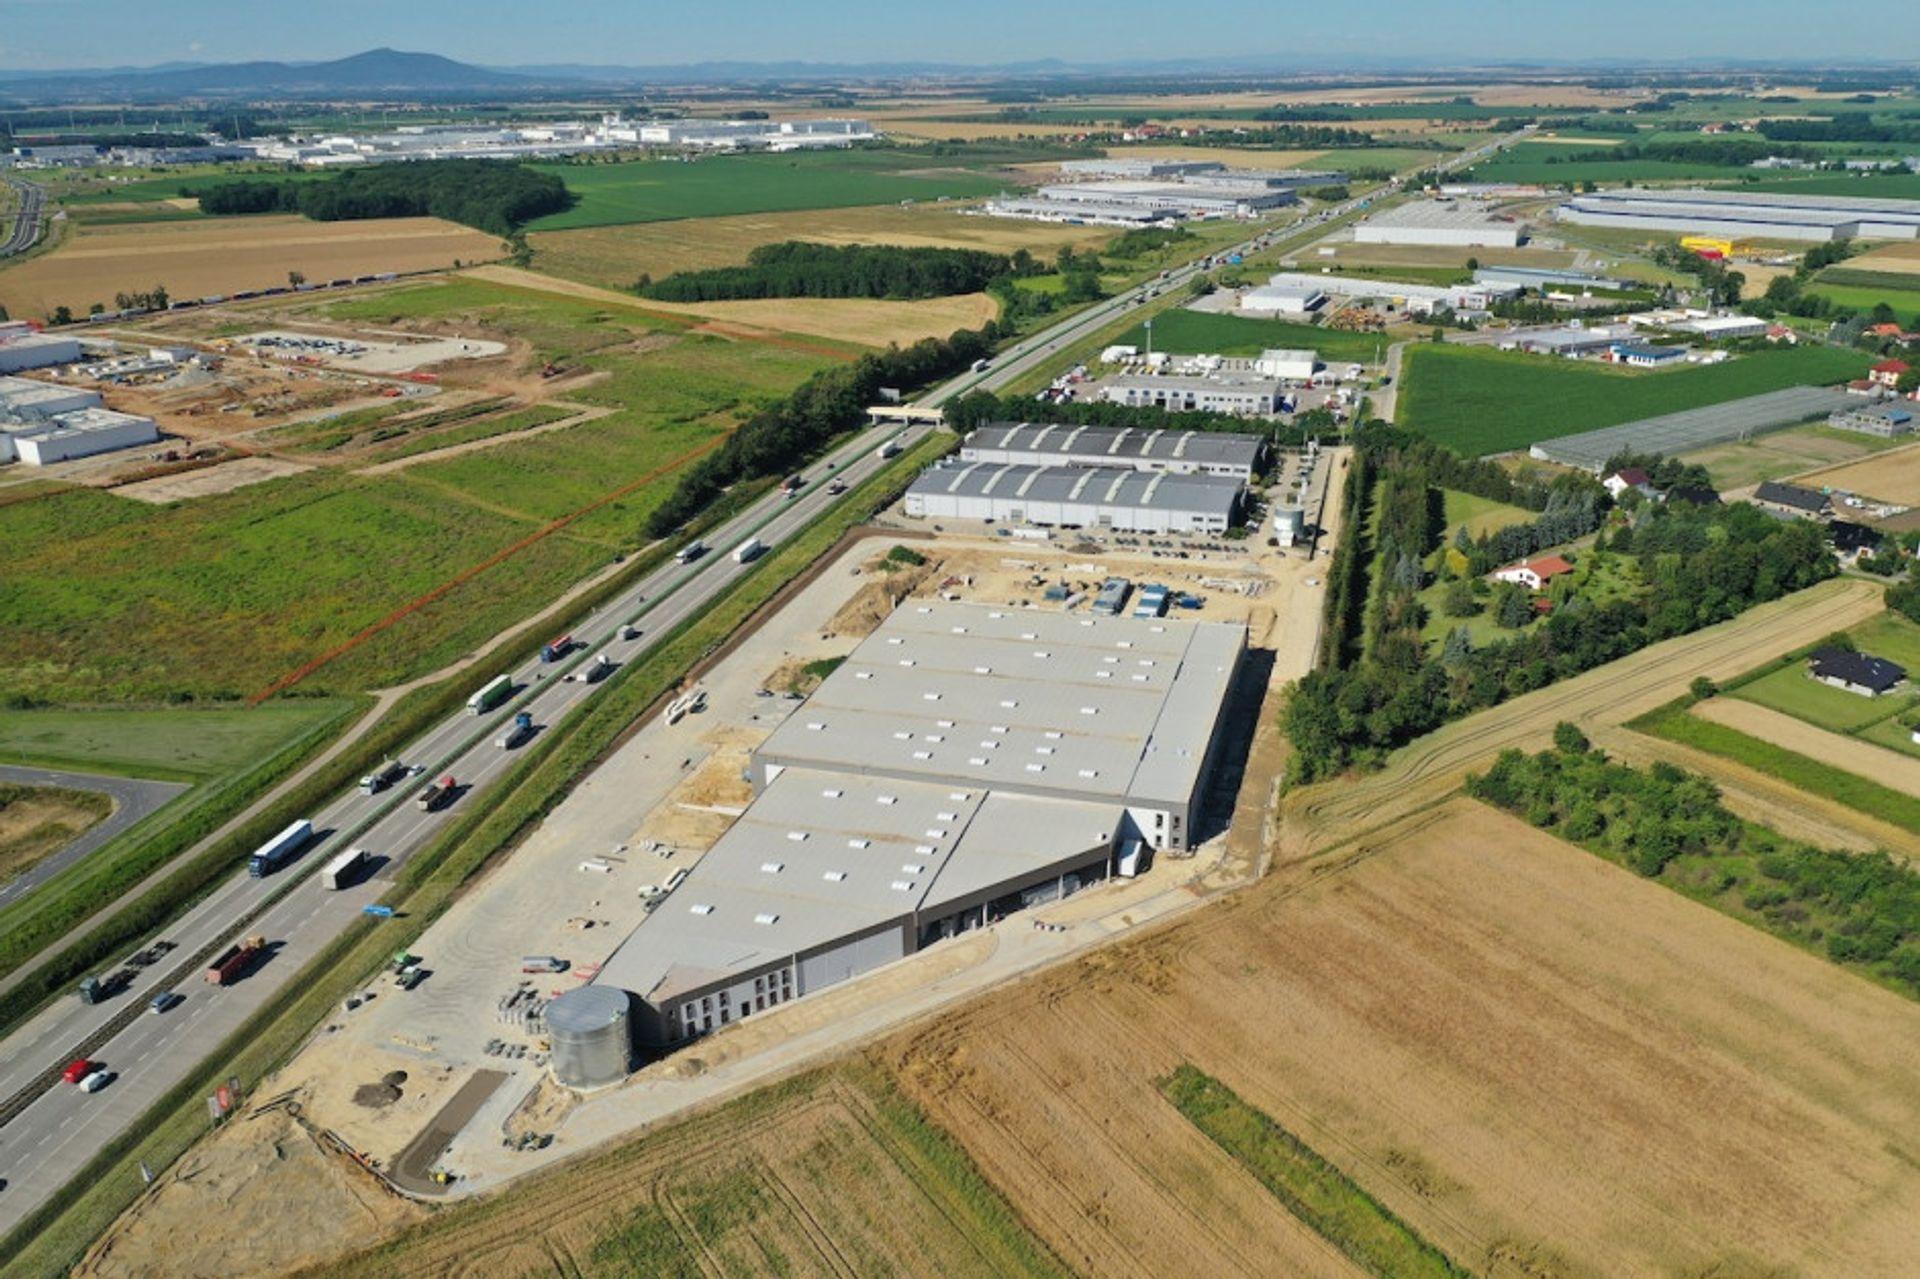 Niemiecka firma Garbe Industrial Real Estate GmbH inwestuje w aglomeracji wrocławskiej